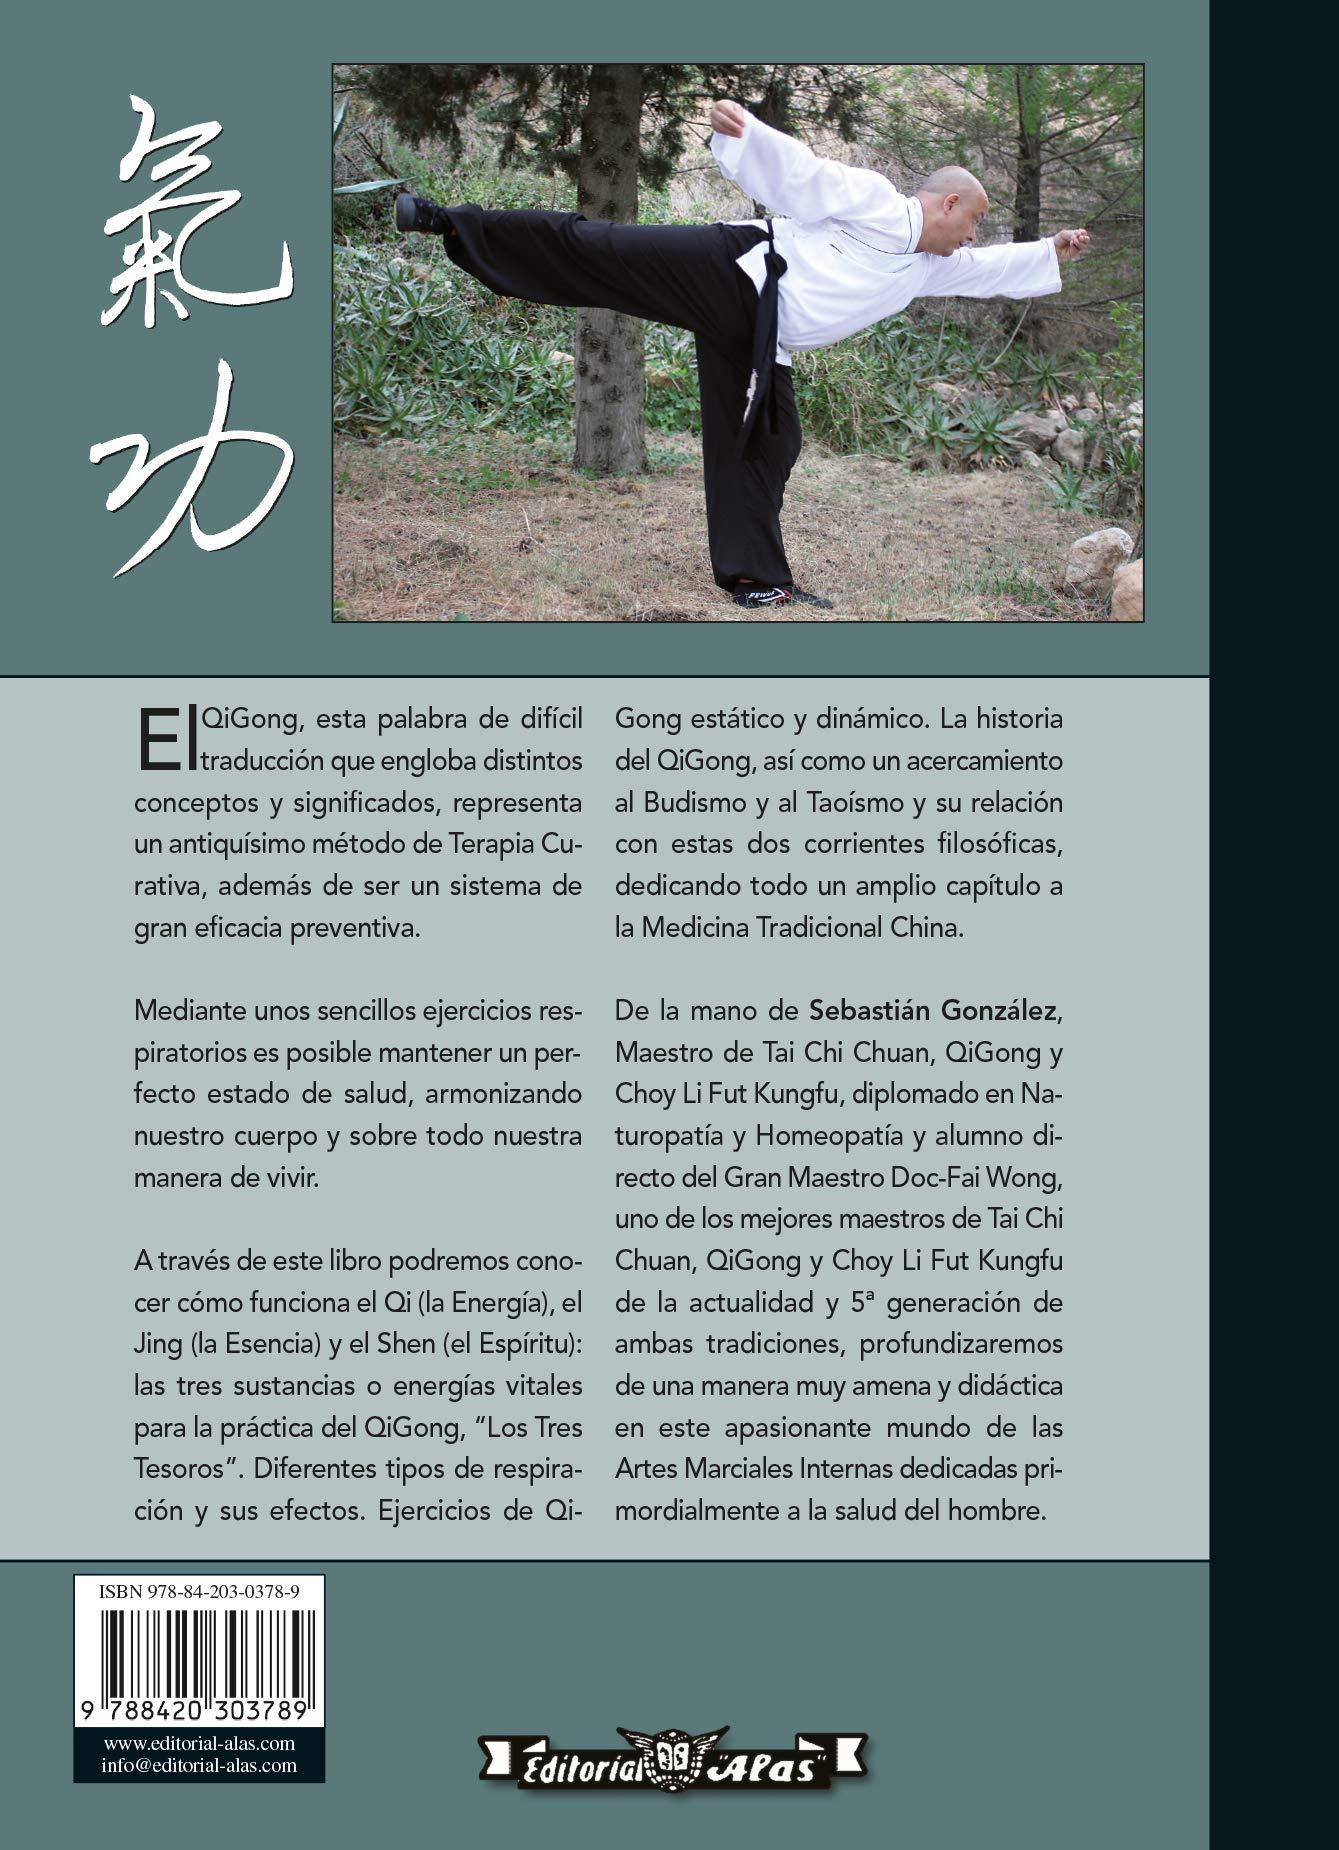 Las 9 perlas del chi kung (qi gong) : camino de longevidad ...